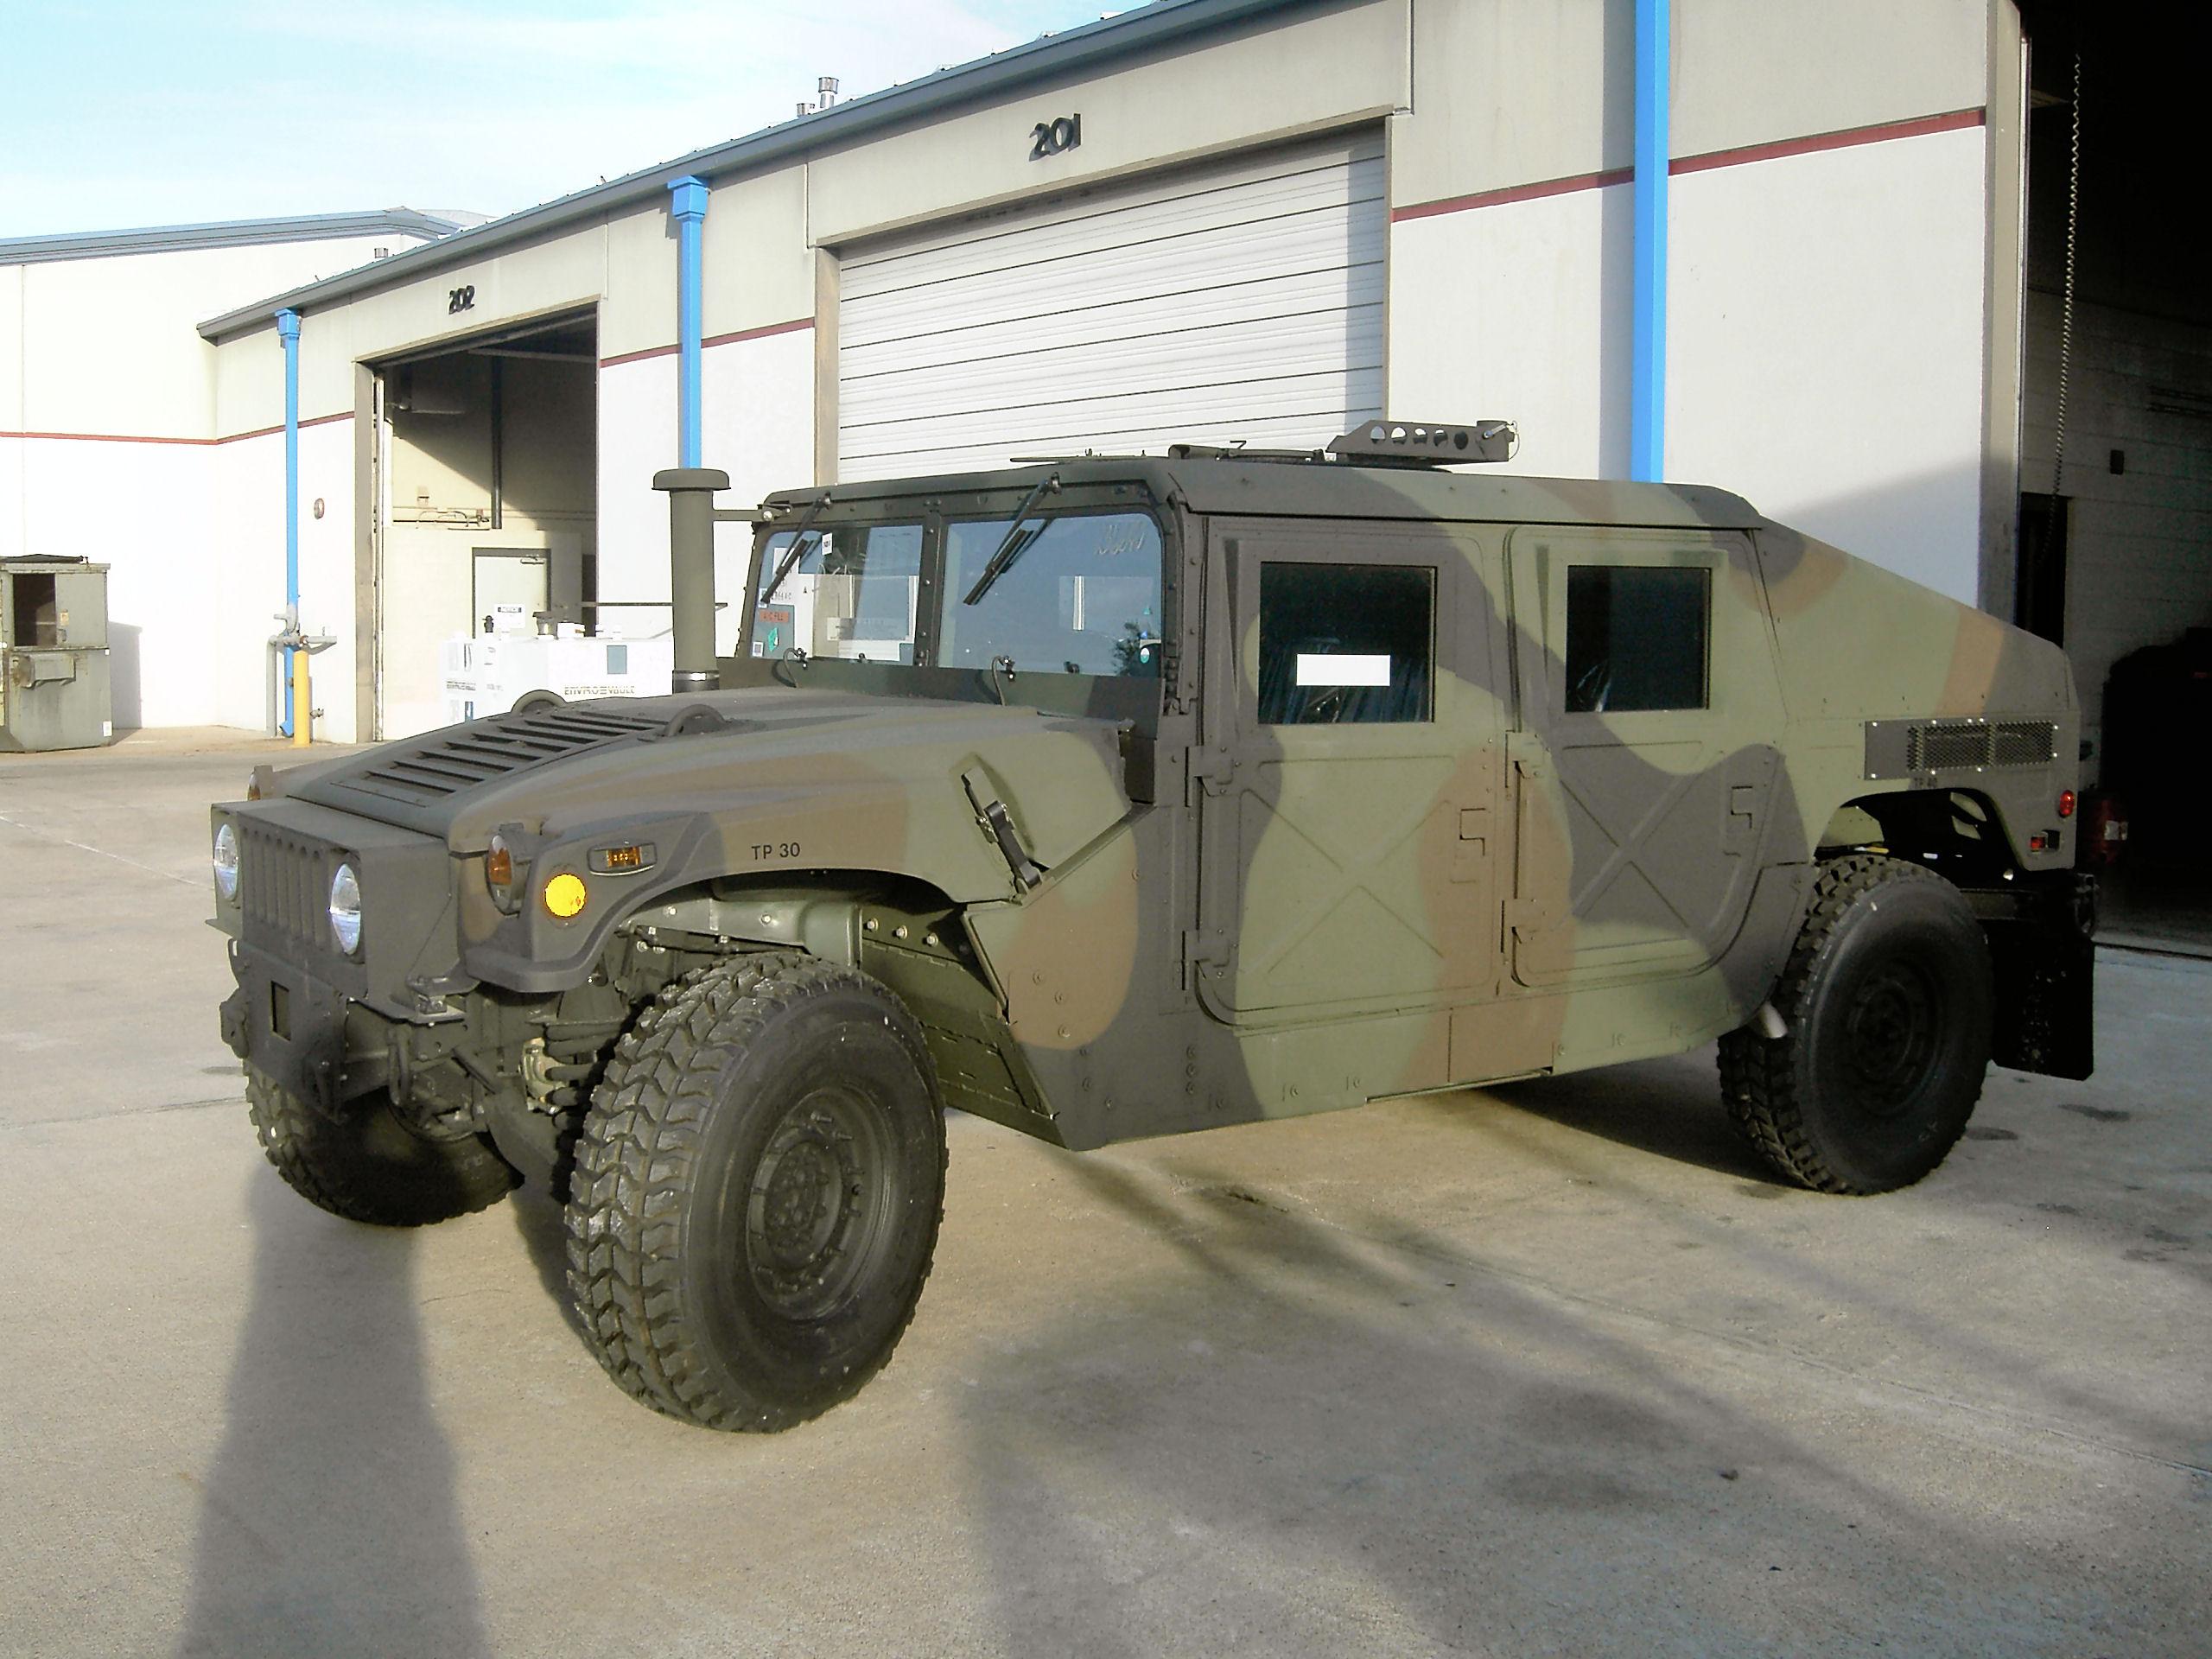 Ejercito Mexicano renueva flota de Humvees 02/04/2014 M1151_34_of_83